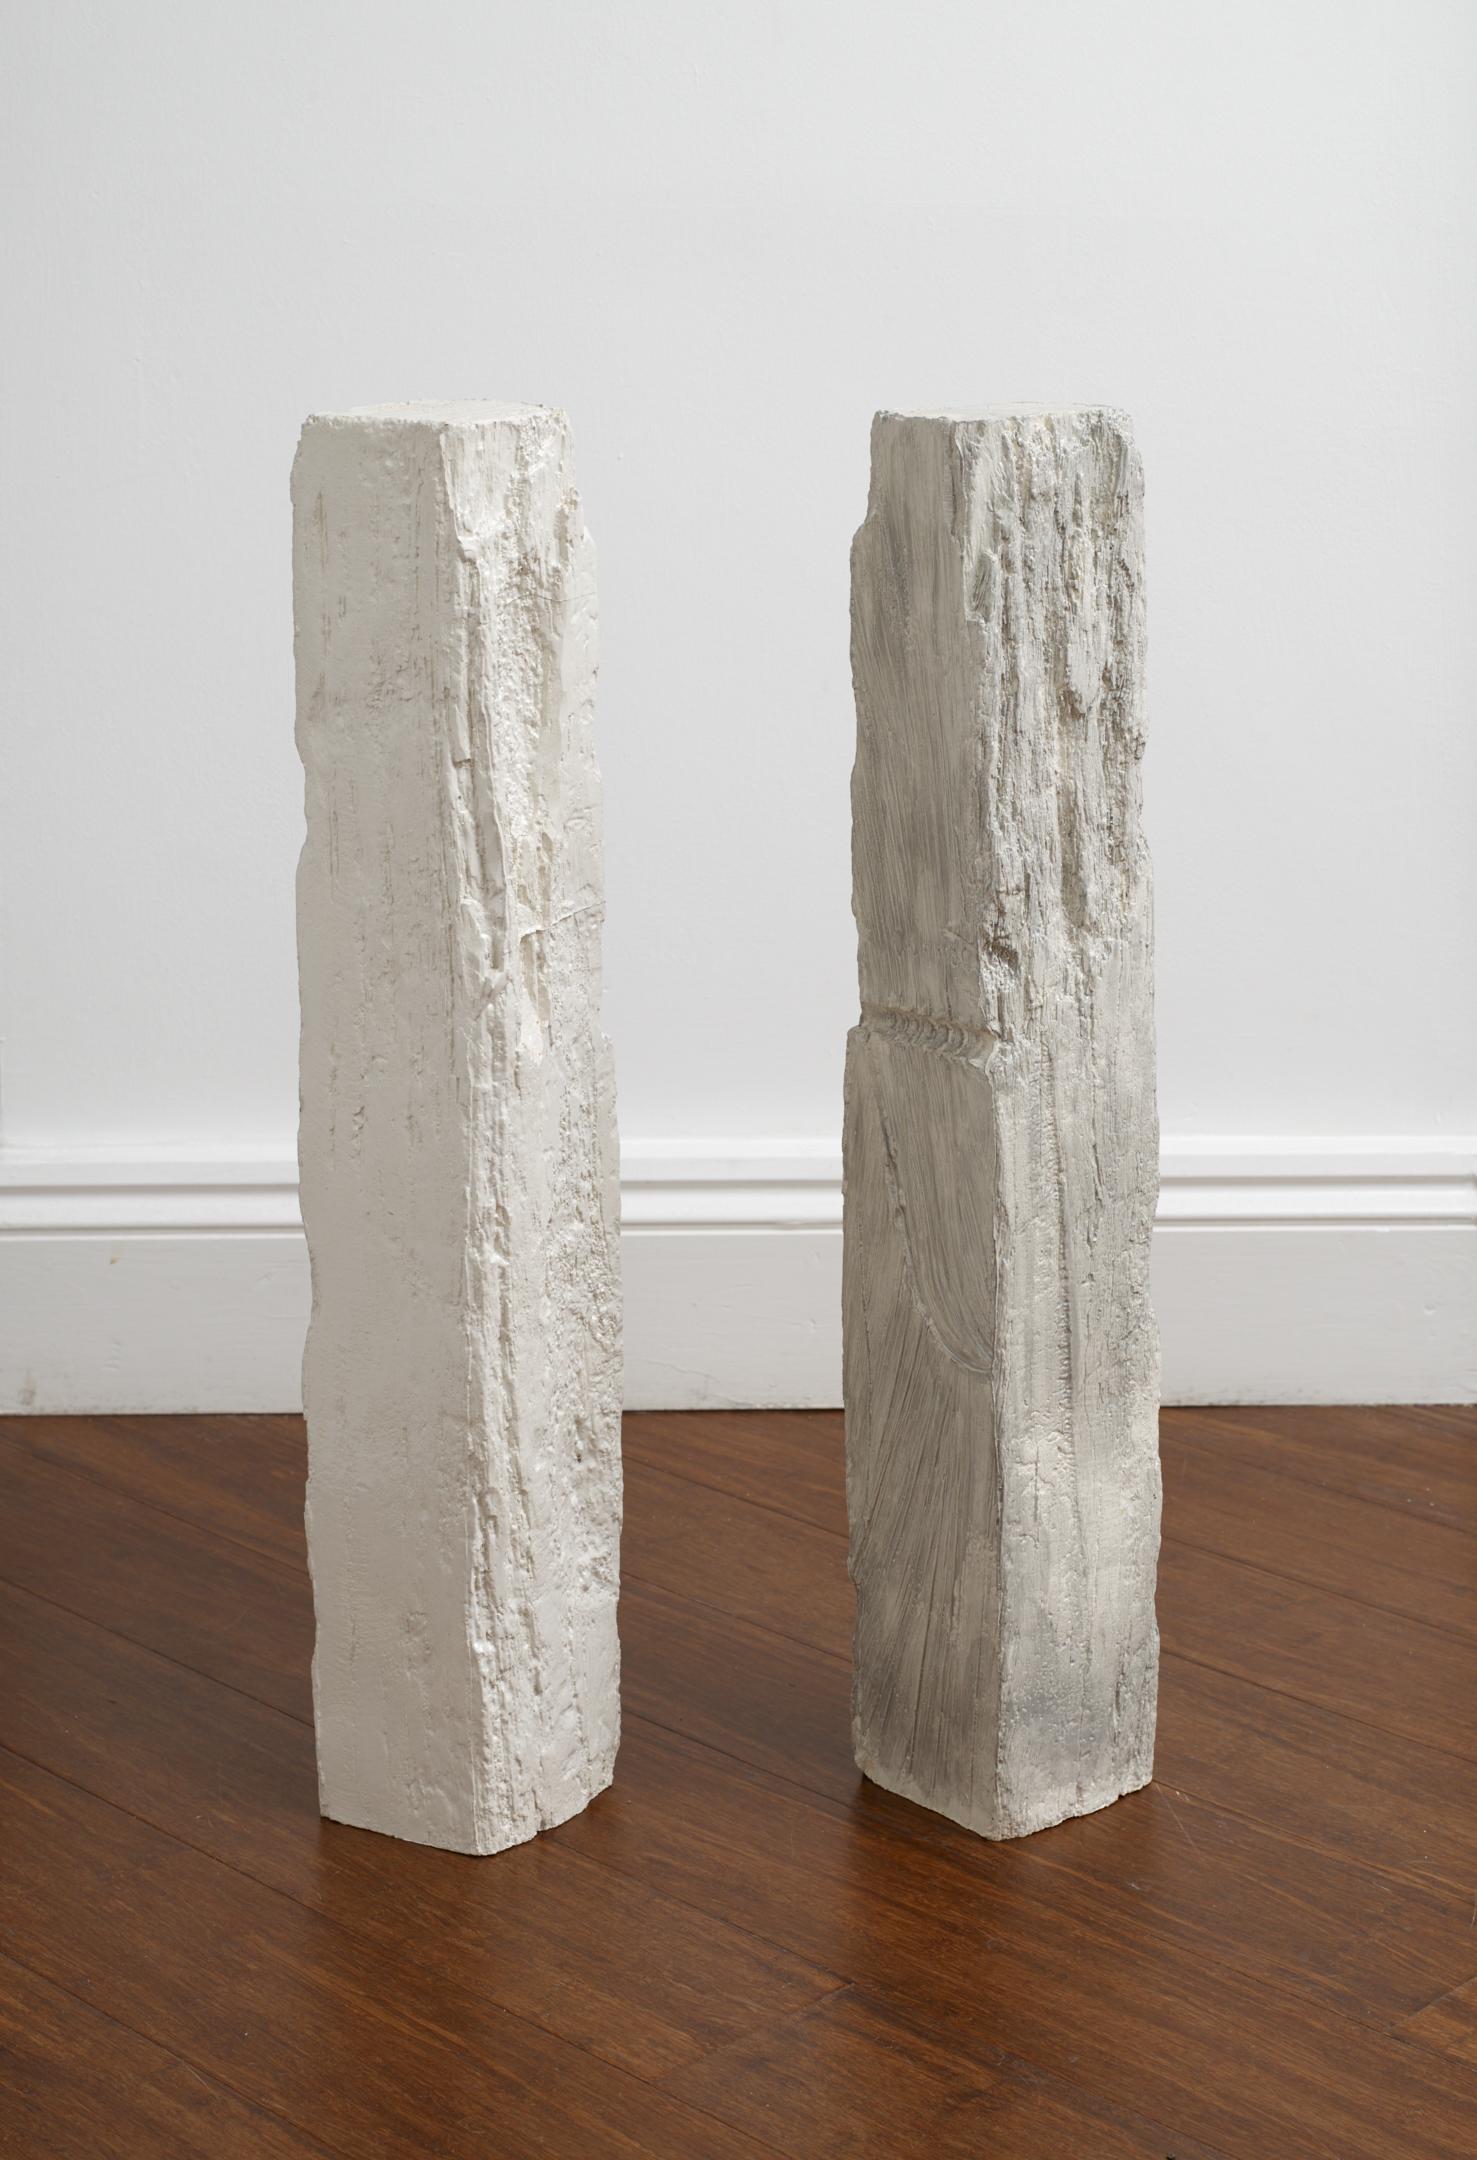 Jodie Carey  Untitled,  2019 Glazed ceramic 11 x 12 x 74 cm (each)